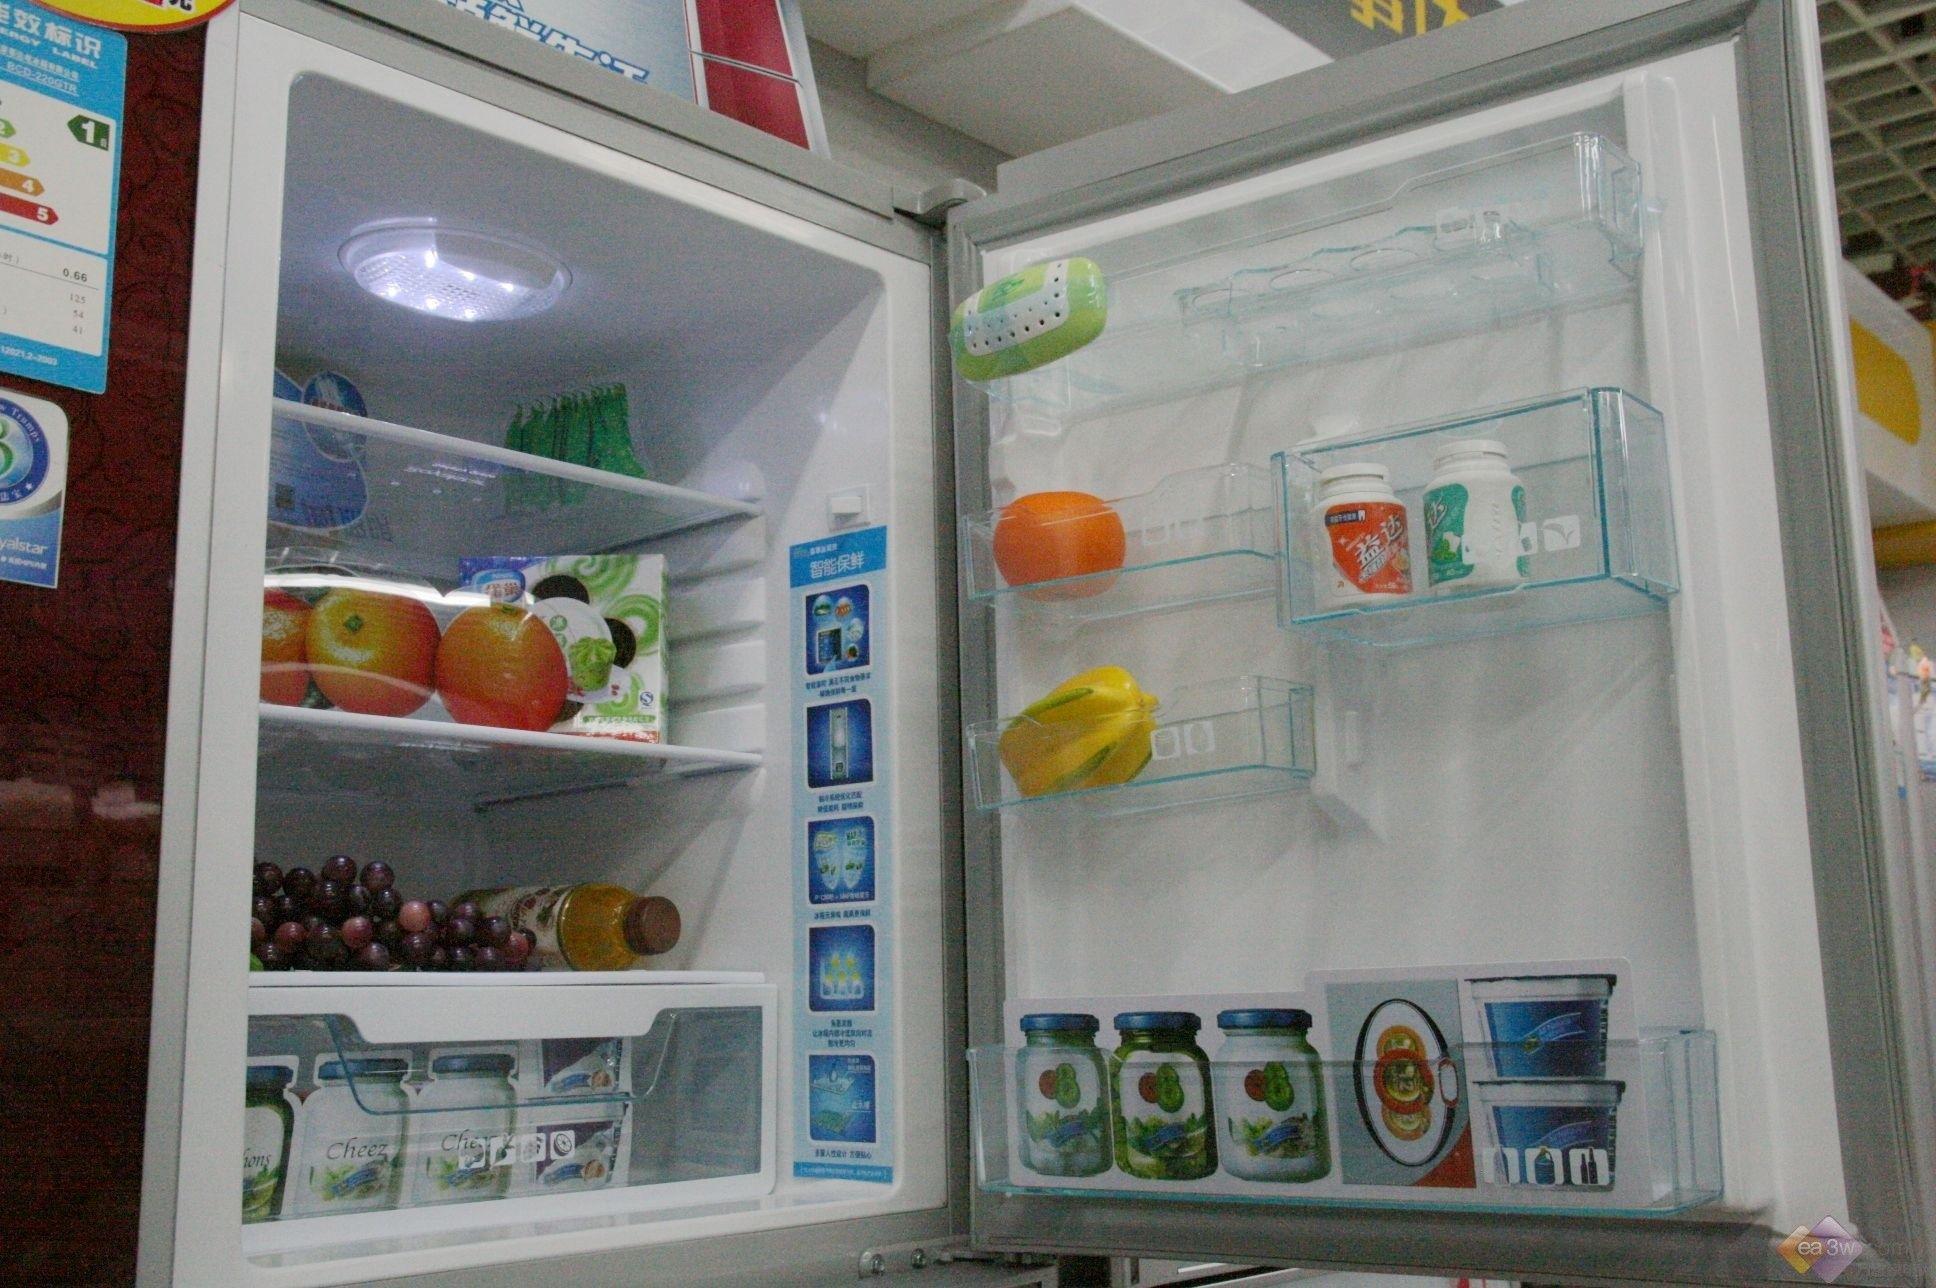 最近,天气逐渐变凉再加上金融危机的影响,很多原本打算买冰箱的朋友们都放弃了这一念头。但是最近很多卖场都在搞降价促销活动,原本冷清的冰箱市场似乎又热了起来。 今天,万维家电网给大家介绍一款荣事达热销的三门246L冰箱BCD-246GER,这款产品目前还有300元的小降幅,感兴趣的朋友一起来看看吧。  荣事达BCD-246GER卖场实拍 外观上,采用了极富中国特色的绽放花纹,配以独特的棕色高档弧形镜面门板,时尚的同时又不失古典气质。超大触摸液晶屏、电脑显示器,方便控制整个冰箱的运行状态。  荣事达BCD-24